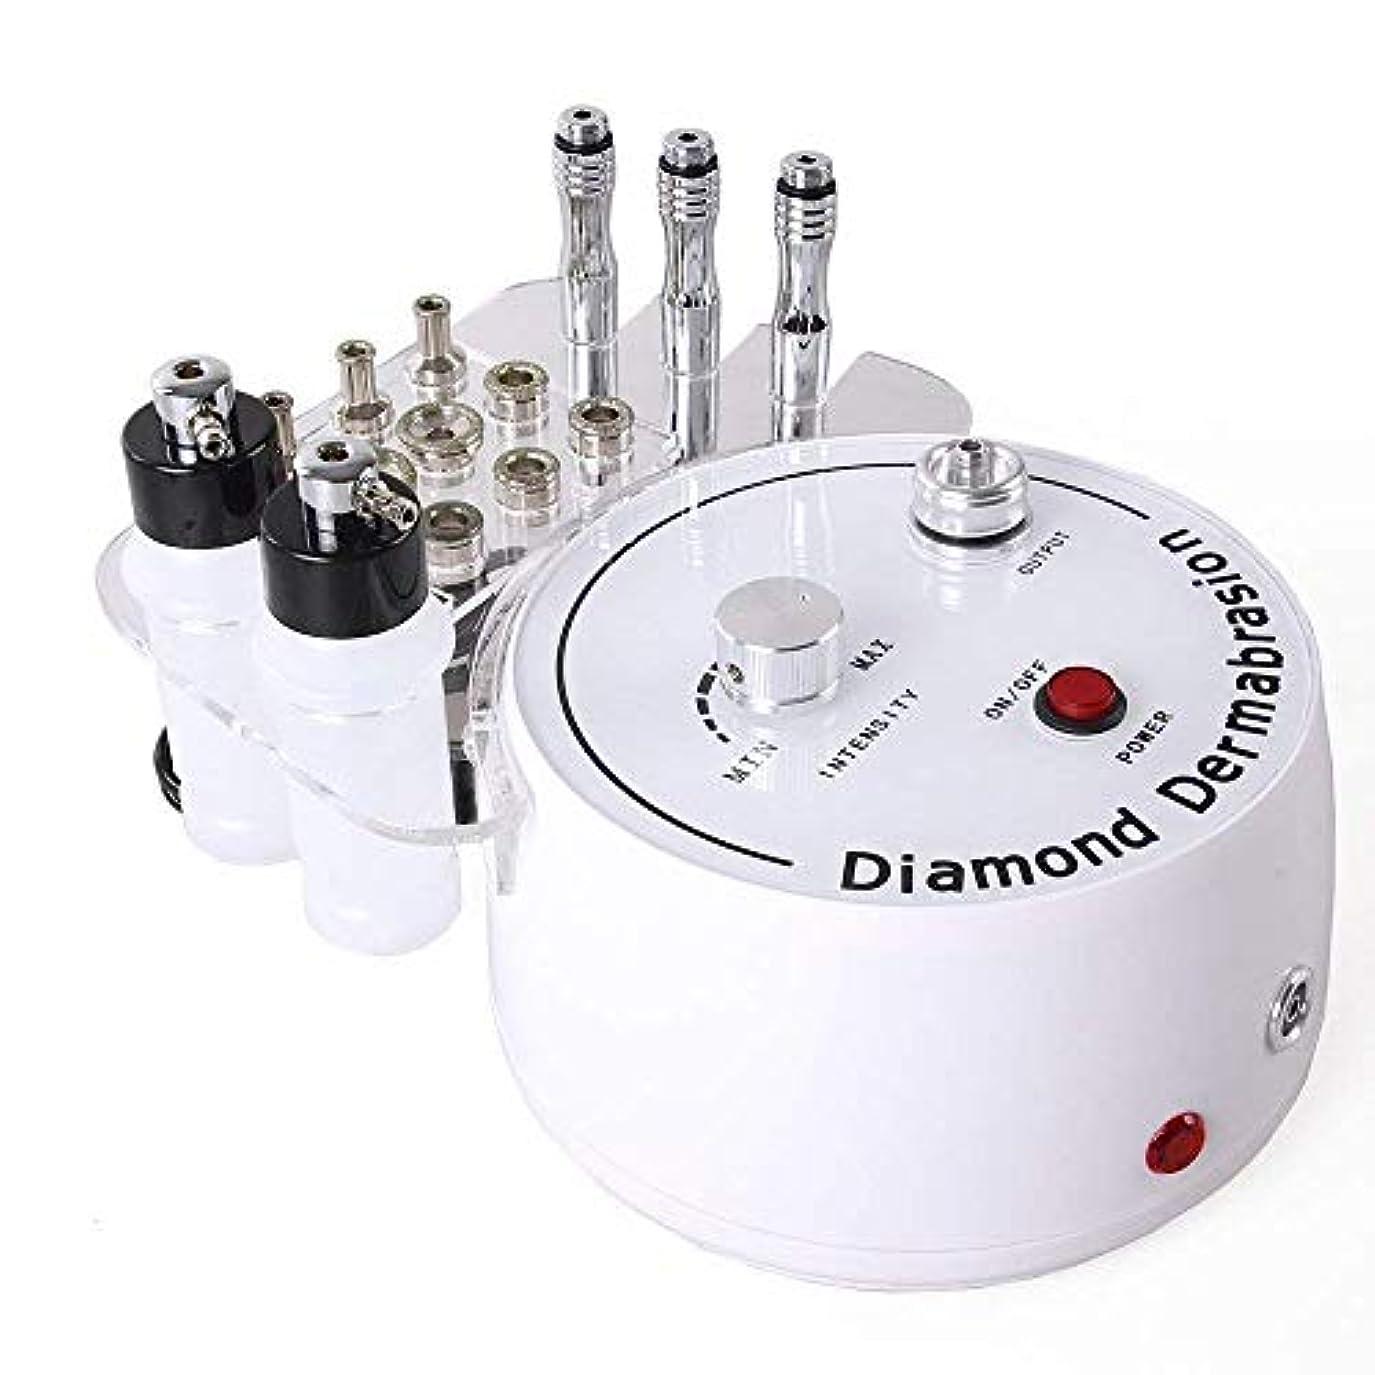 ロンドン地域引き受ける3 in 1ダイヤモンドマイクロダーマブレーションマシン、プロフェッショナルダイヤモンドダーマブレーションマシンパーソナルケア用のフェイシャルケアサロン機器、チップとワンド付き